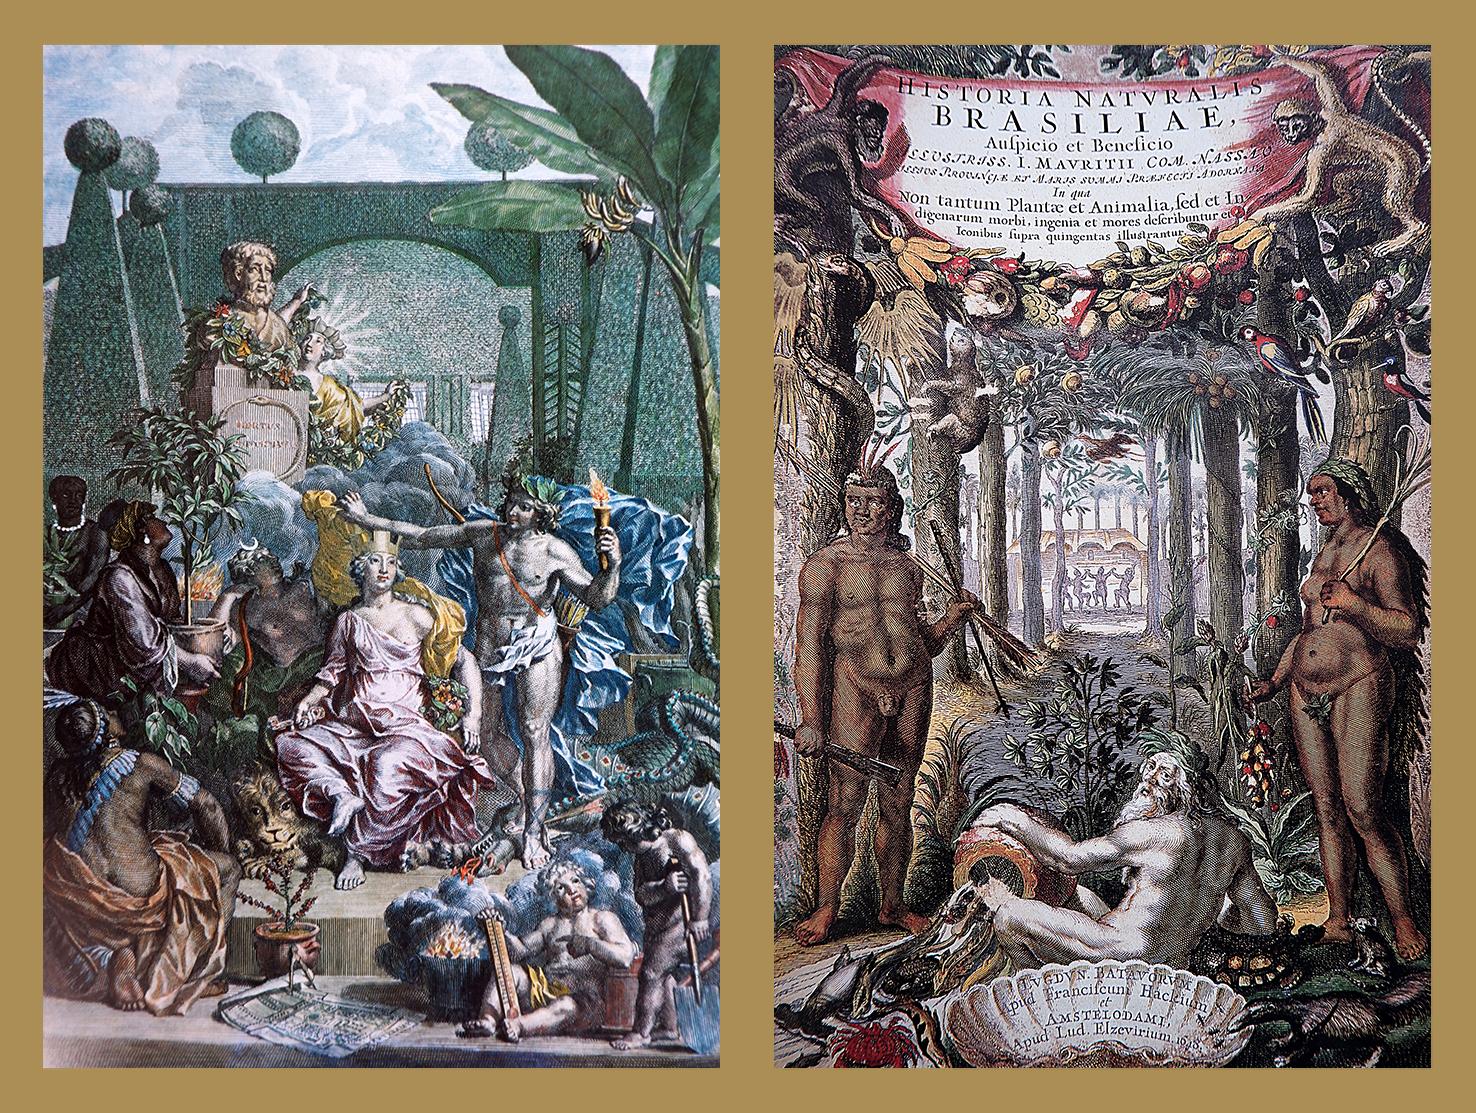 Ilustrações das obras Frontispício de Hortus Cliffortianus e Frontispício de Historia Naturalis Brasiliae